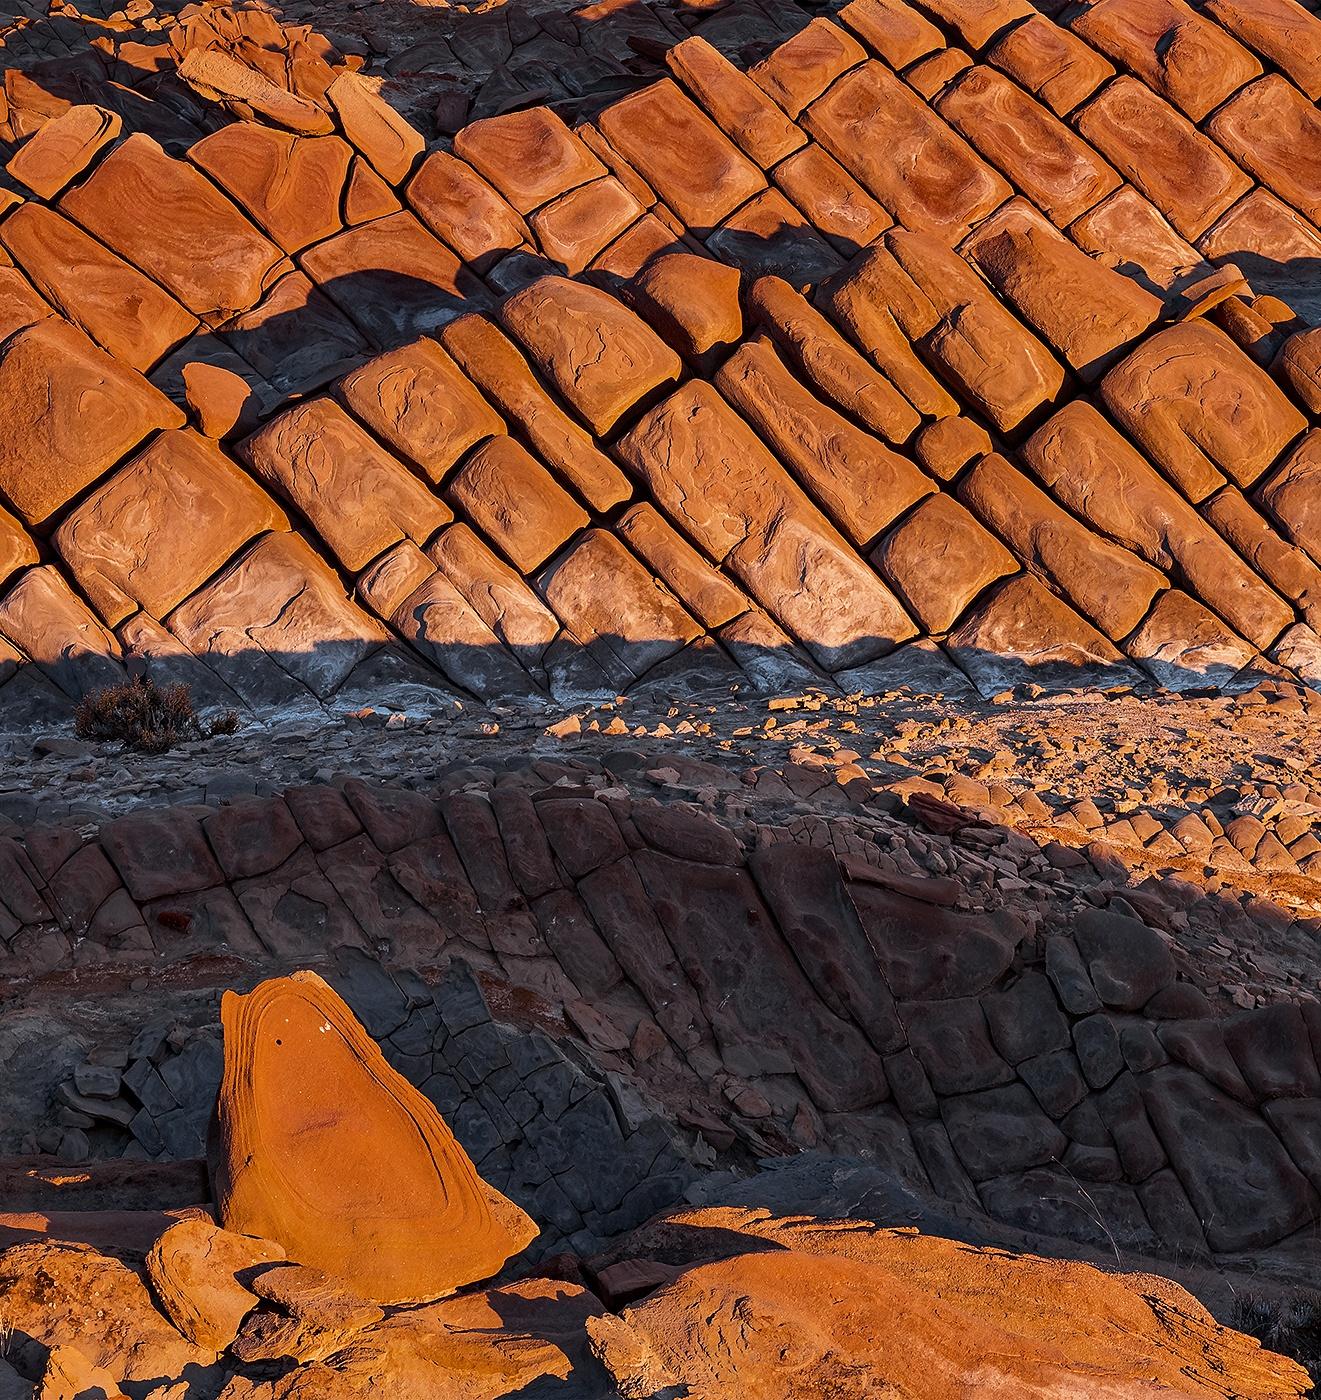 Desierto de Tabernas - Resistance - Peter Manschot Al Andalus Photo Tour, Landscape photography photos prints workshops Andalusia Spain